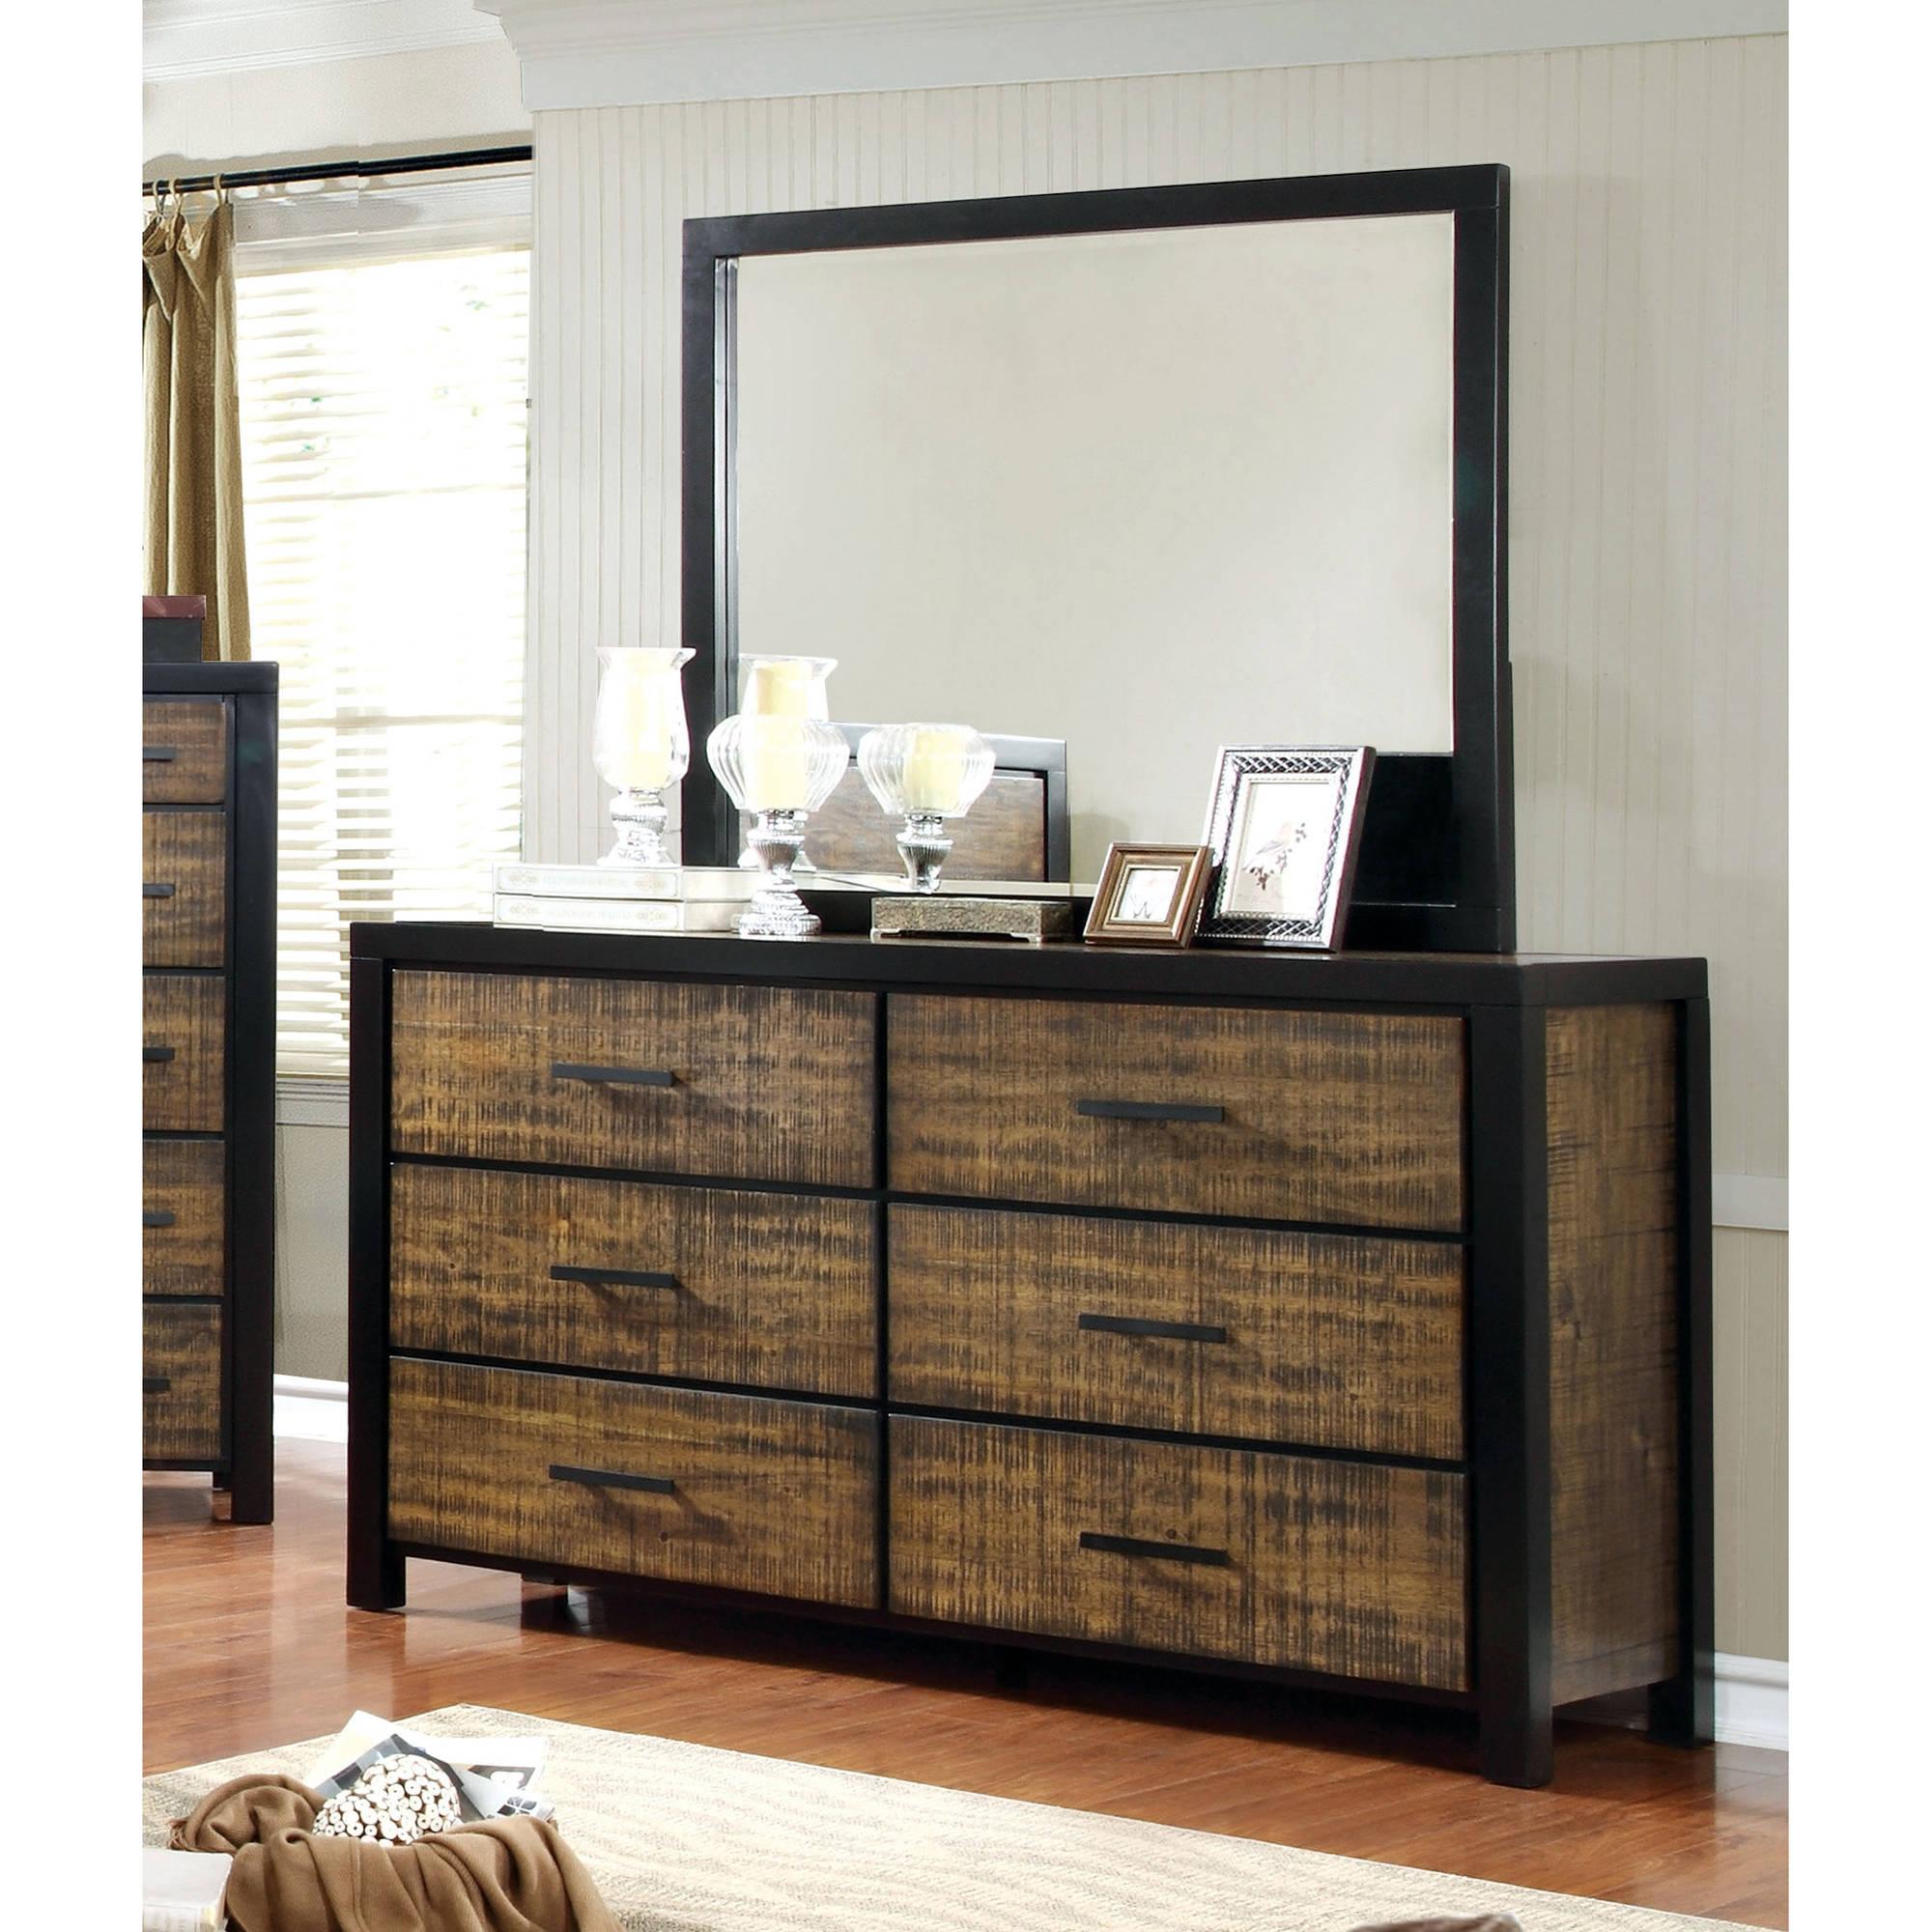 Furniture of America Galena Two-Tone Dresser & Mirror Set, Black & Oak